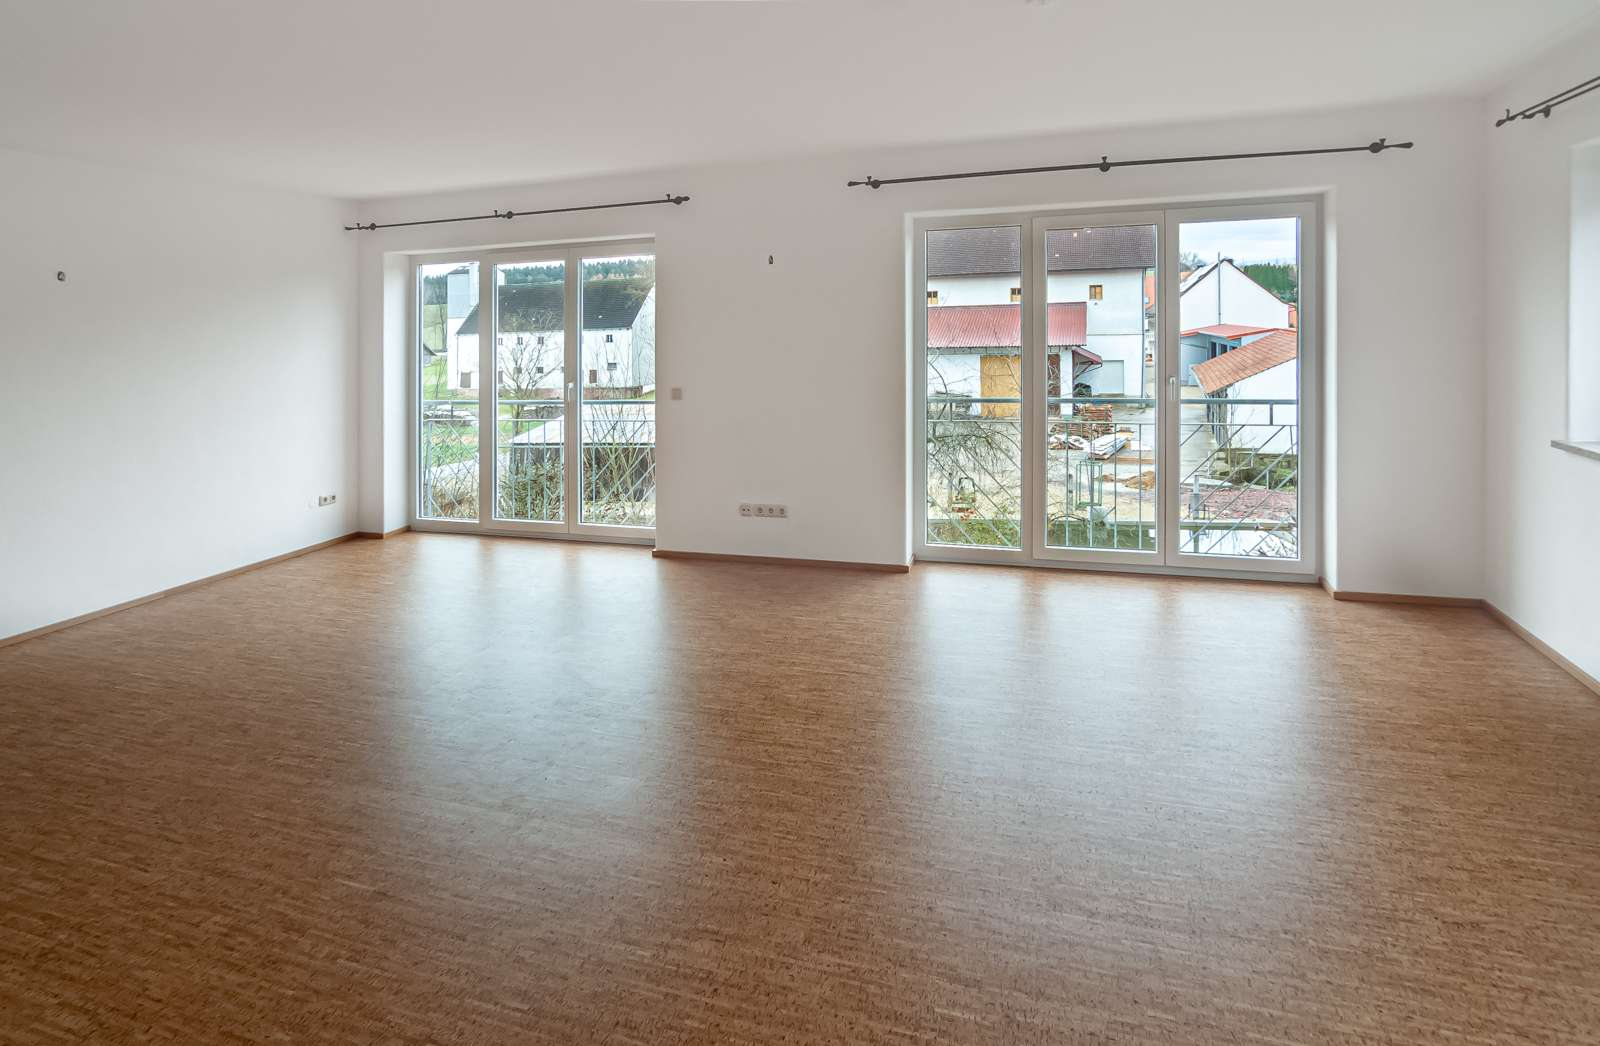 Attraktive neuwertige 3-Zimmer-Wohnung mit großem Balkon und Garage in ruhiger Lage! in